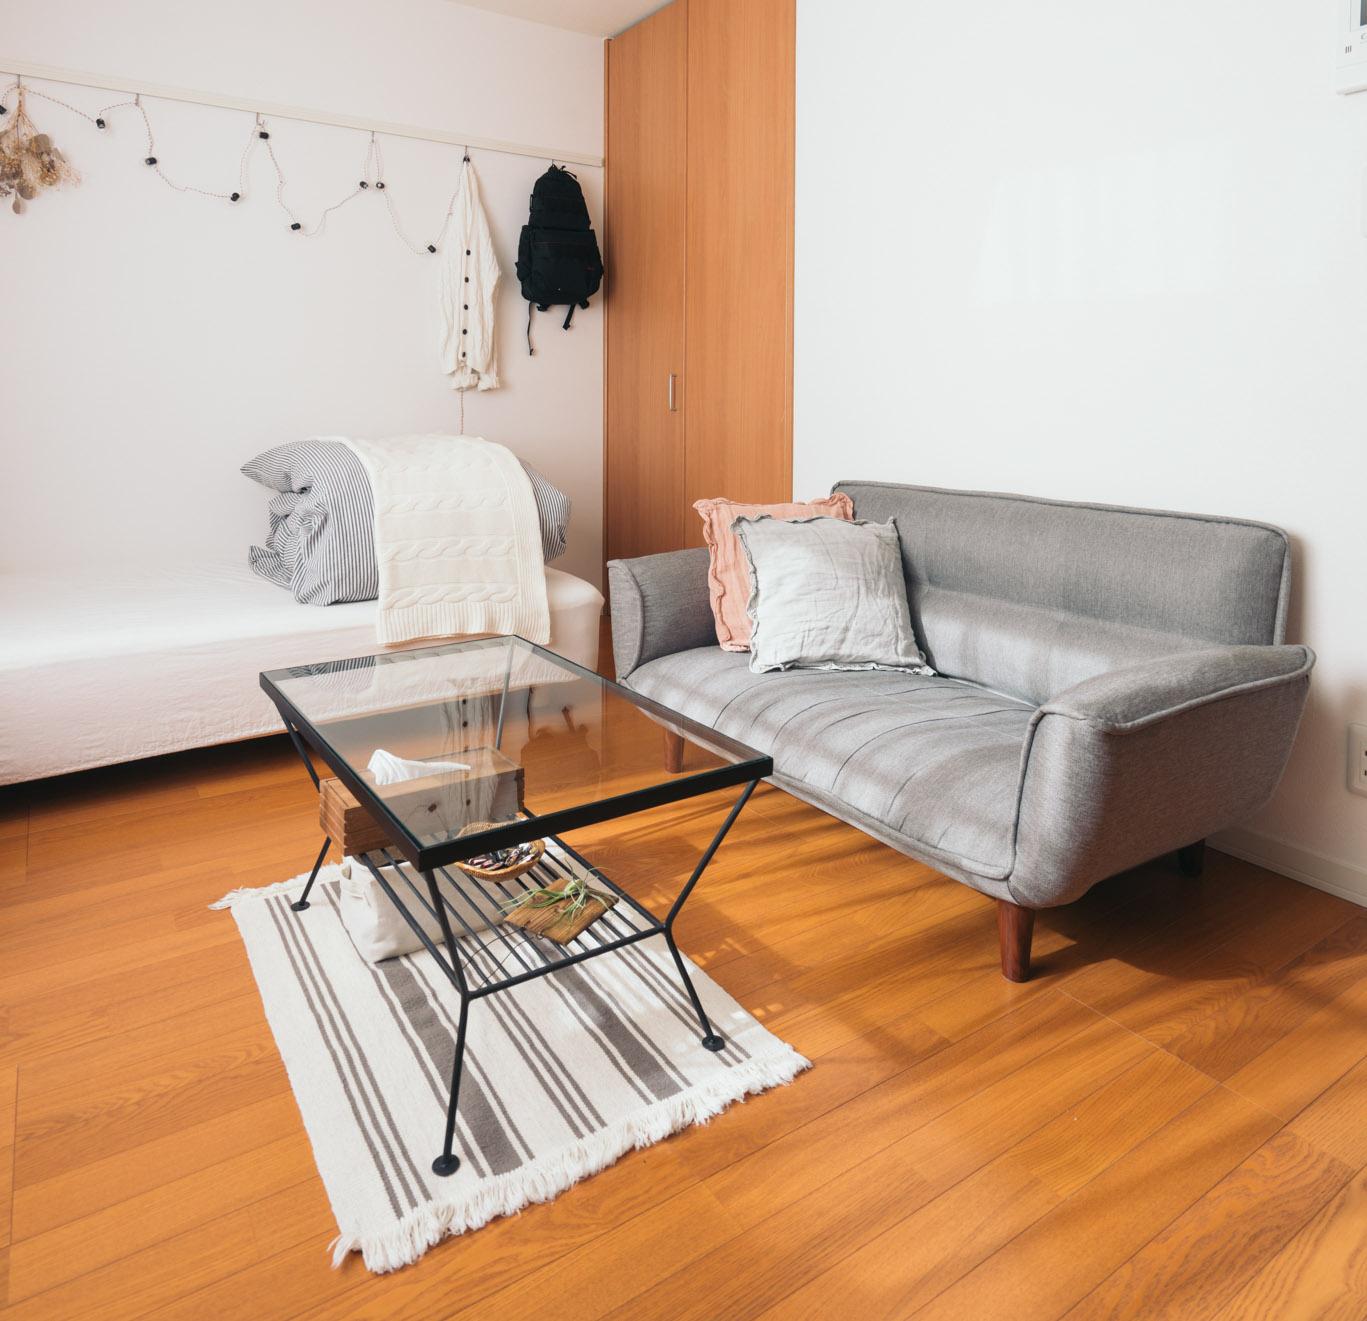 ベッドとソファは足つきのもの、テーブルはガラストップのものを選んでいるので、床が見えて空間を広く感じます(このお部屋を見る)